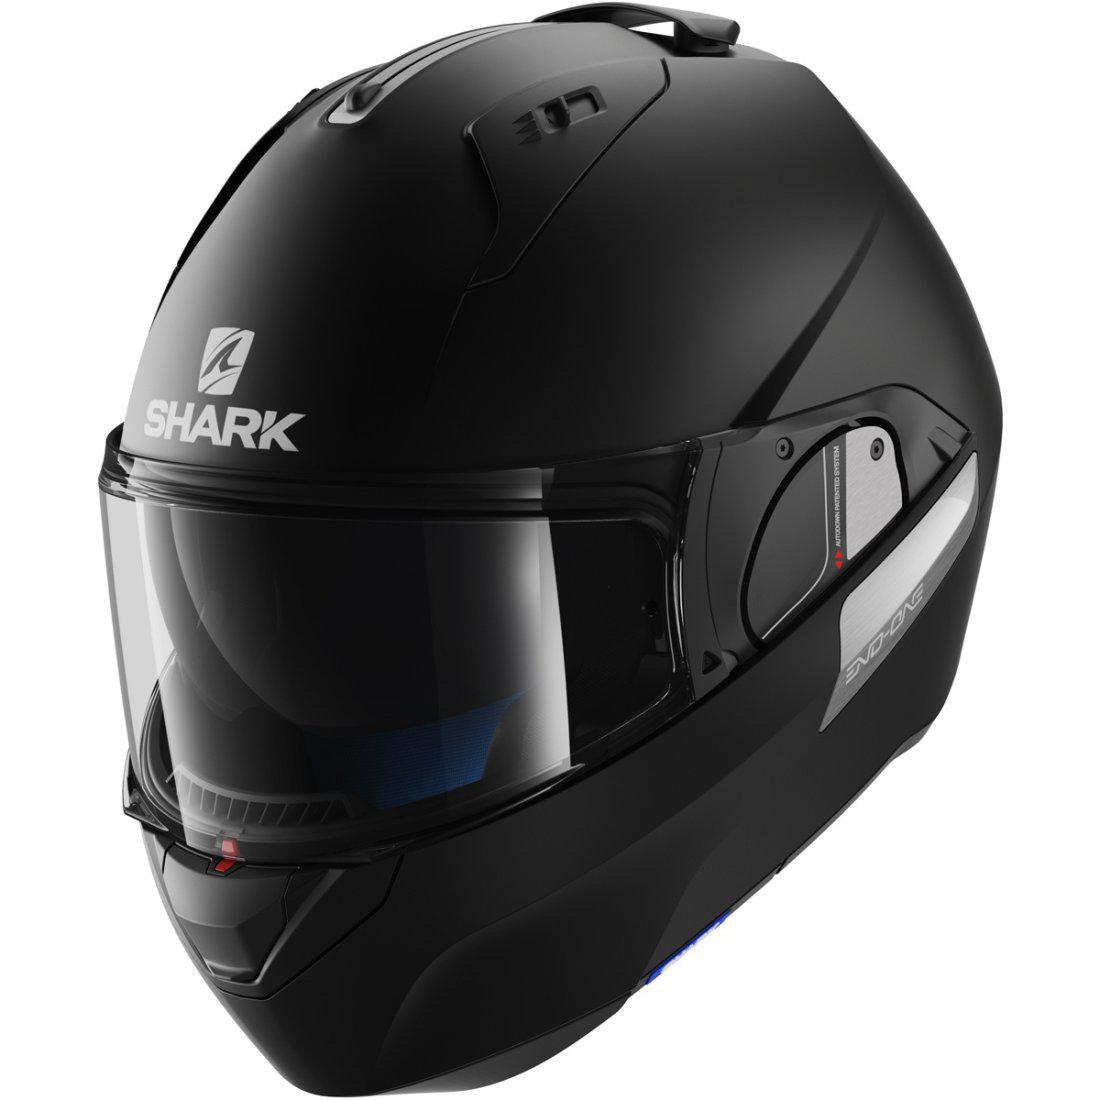 Шлем Shark Evo-one 2 р.S черный матовый